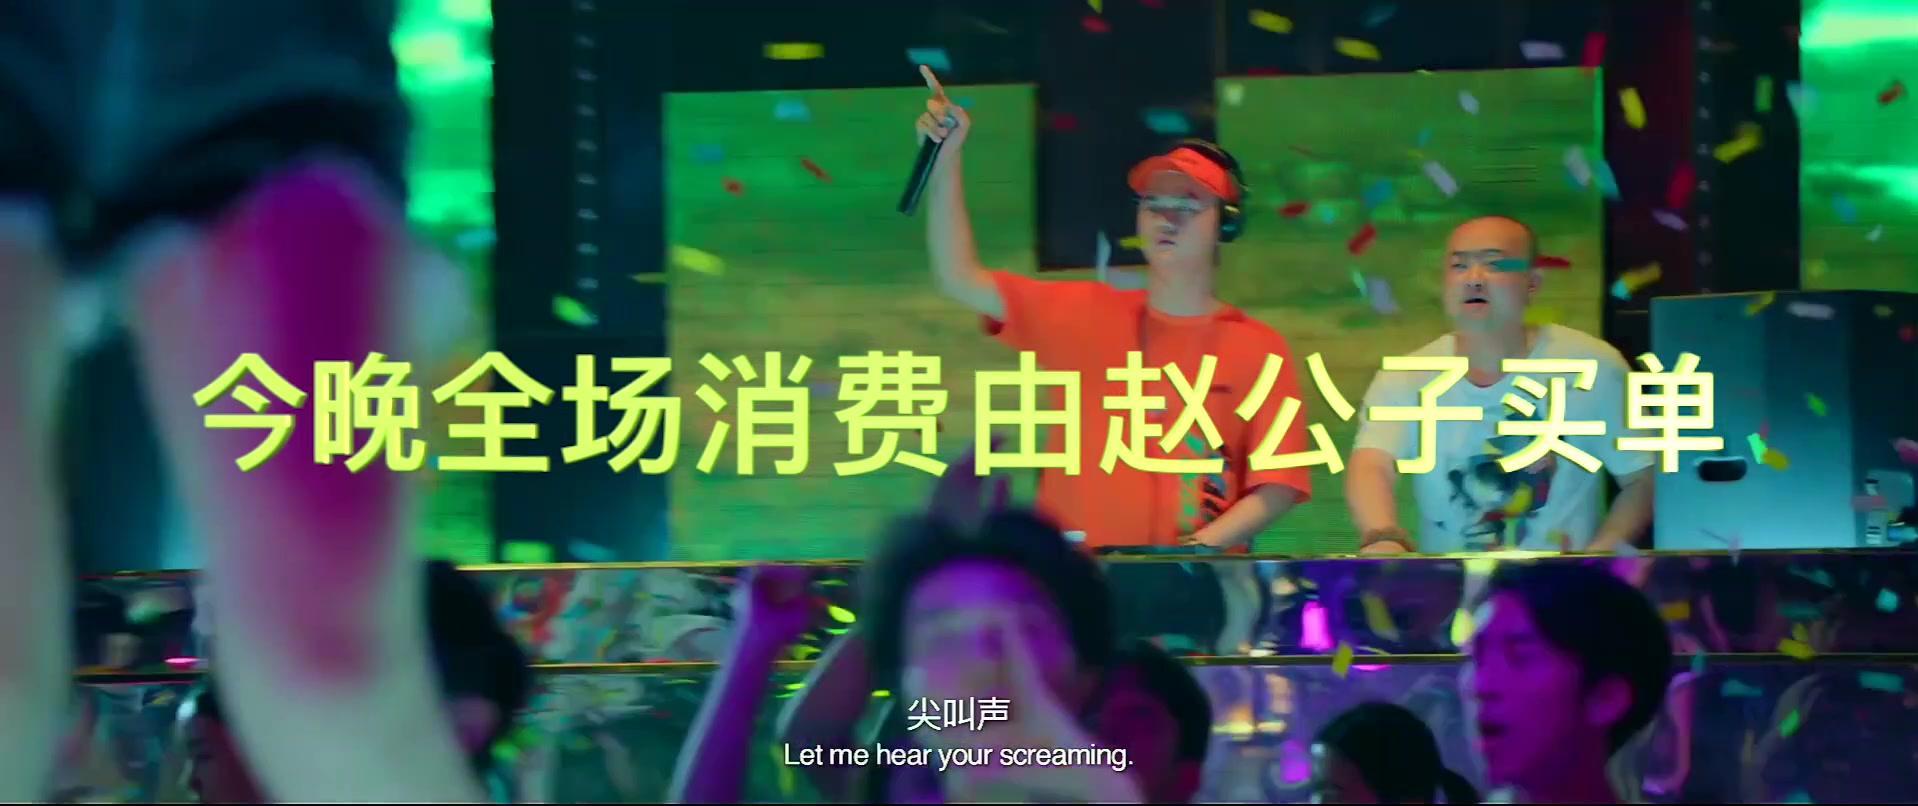 """【网络用语】""""赵公子买单""""是什么意思?"""